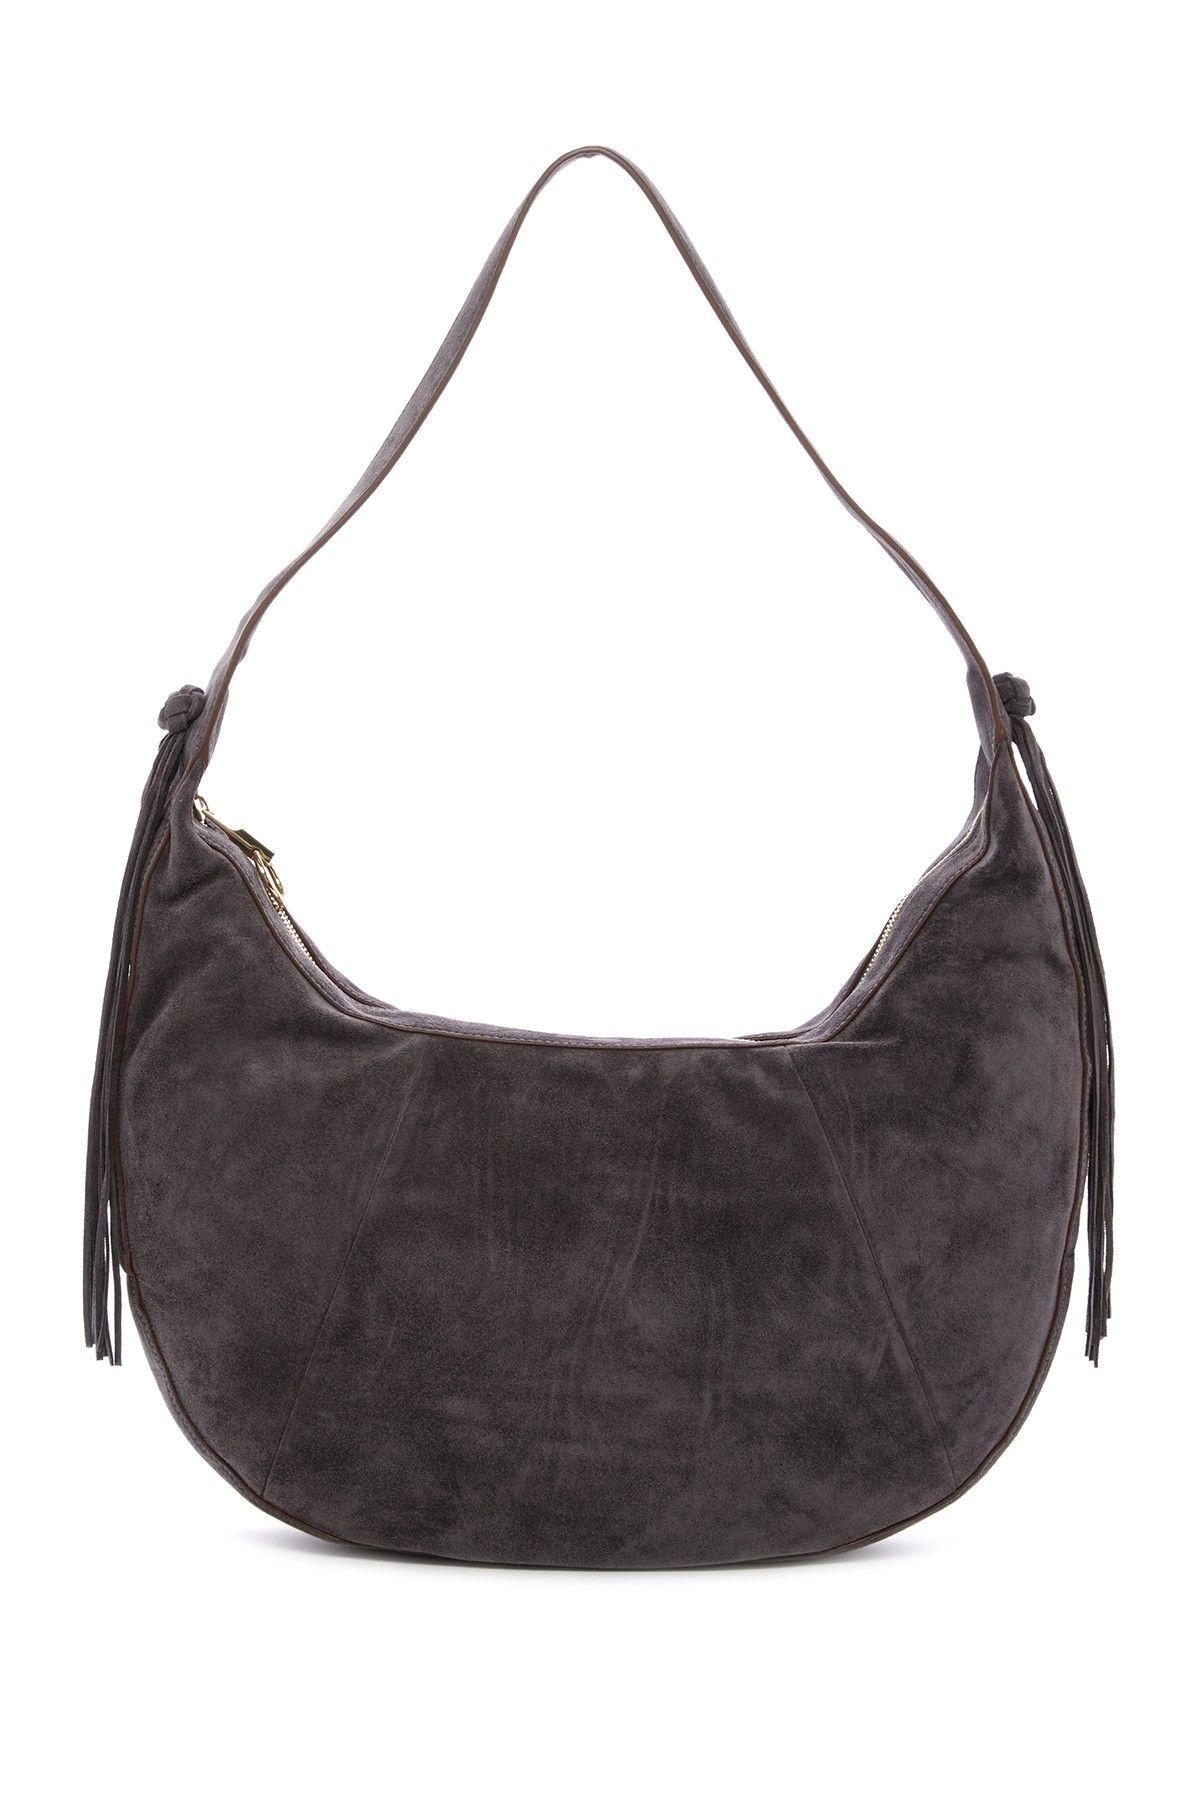 Zoe Large Suede Hobo Bag